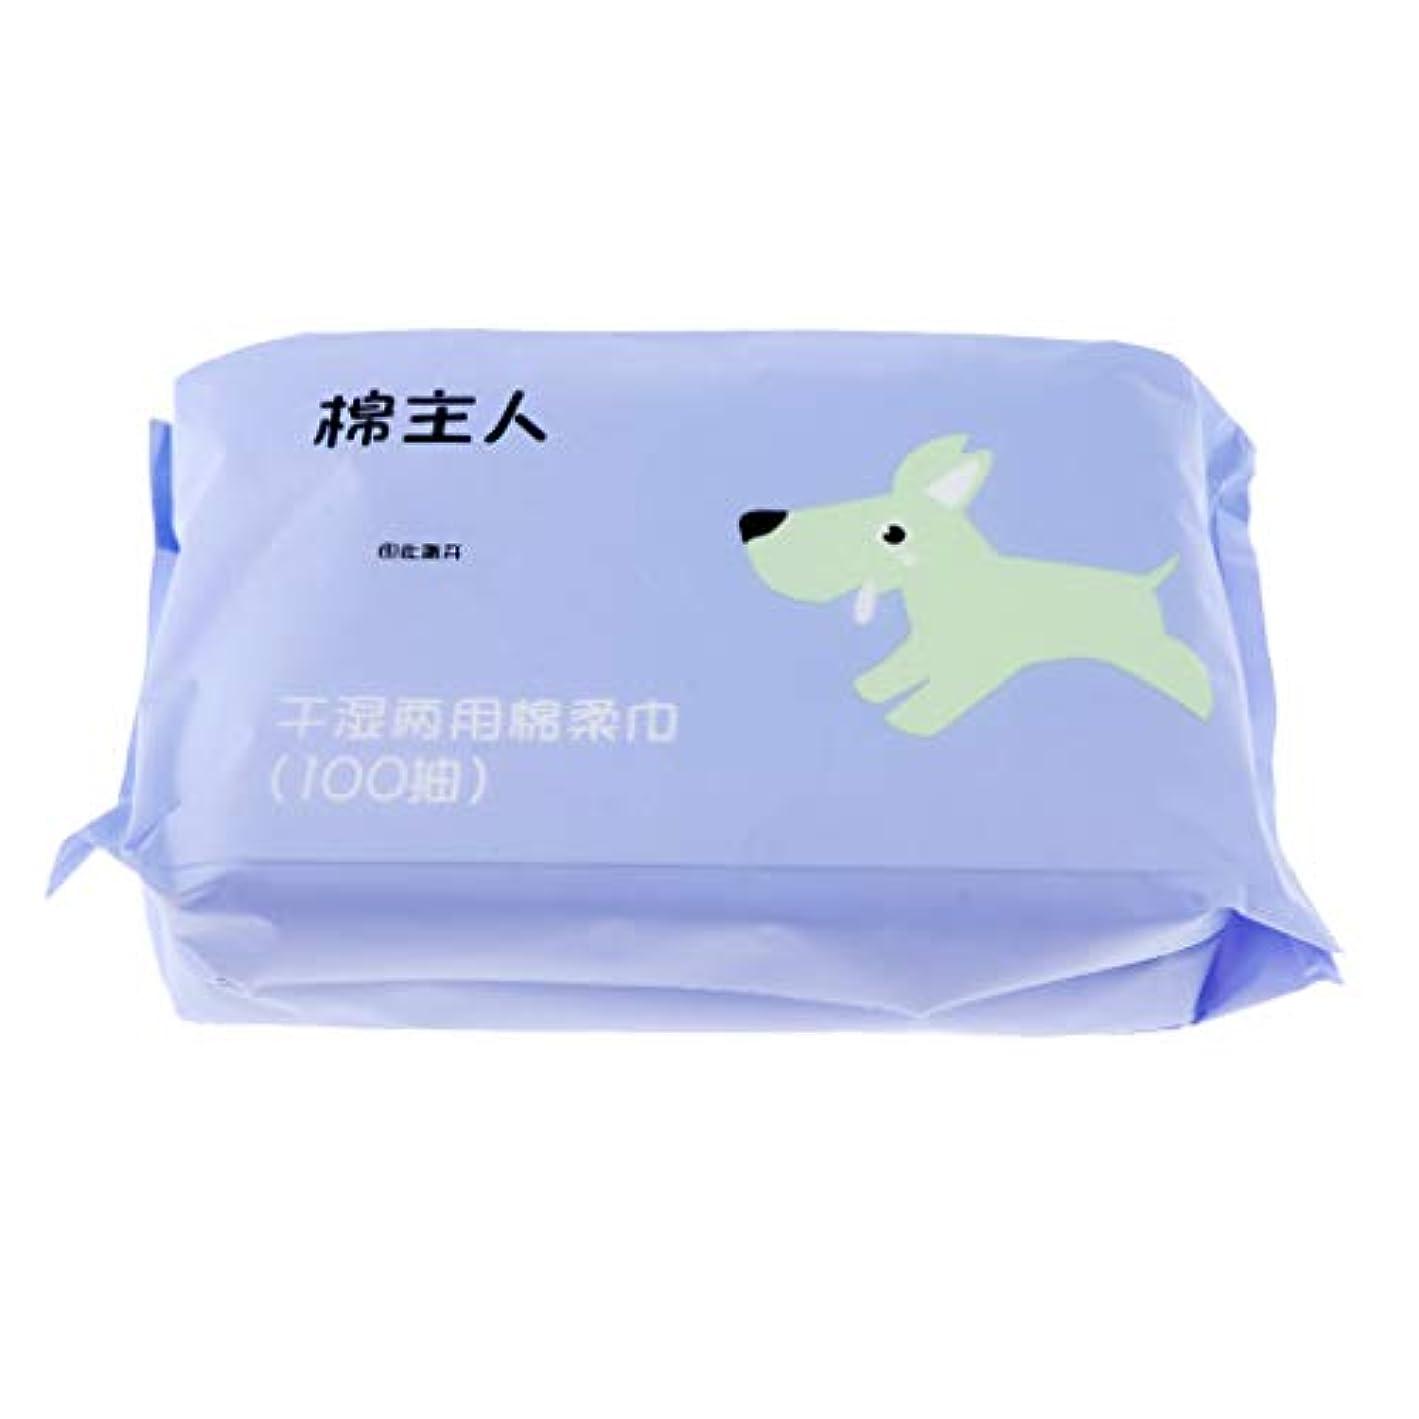 見る人シェフ司書T TOOYFUL 約100枚 使い捨 クレンジングシート クリーニング フェイス タオル ソフト 敏感肌適用 全2色 - 青紫